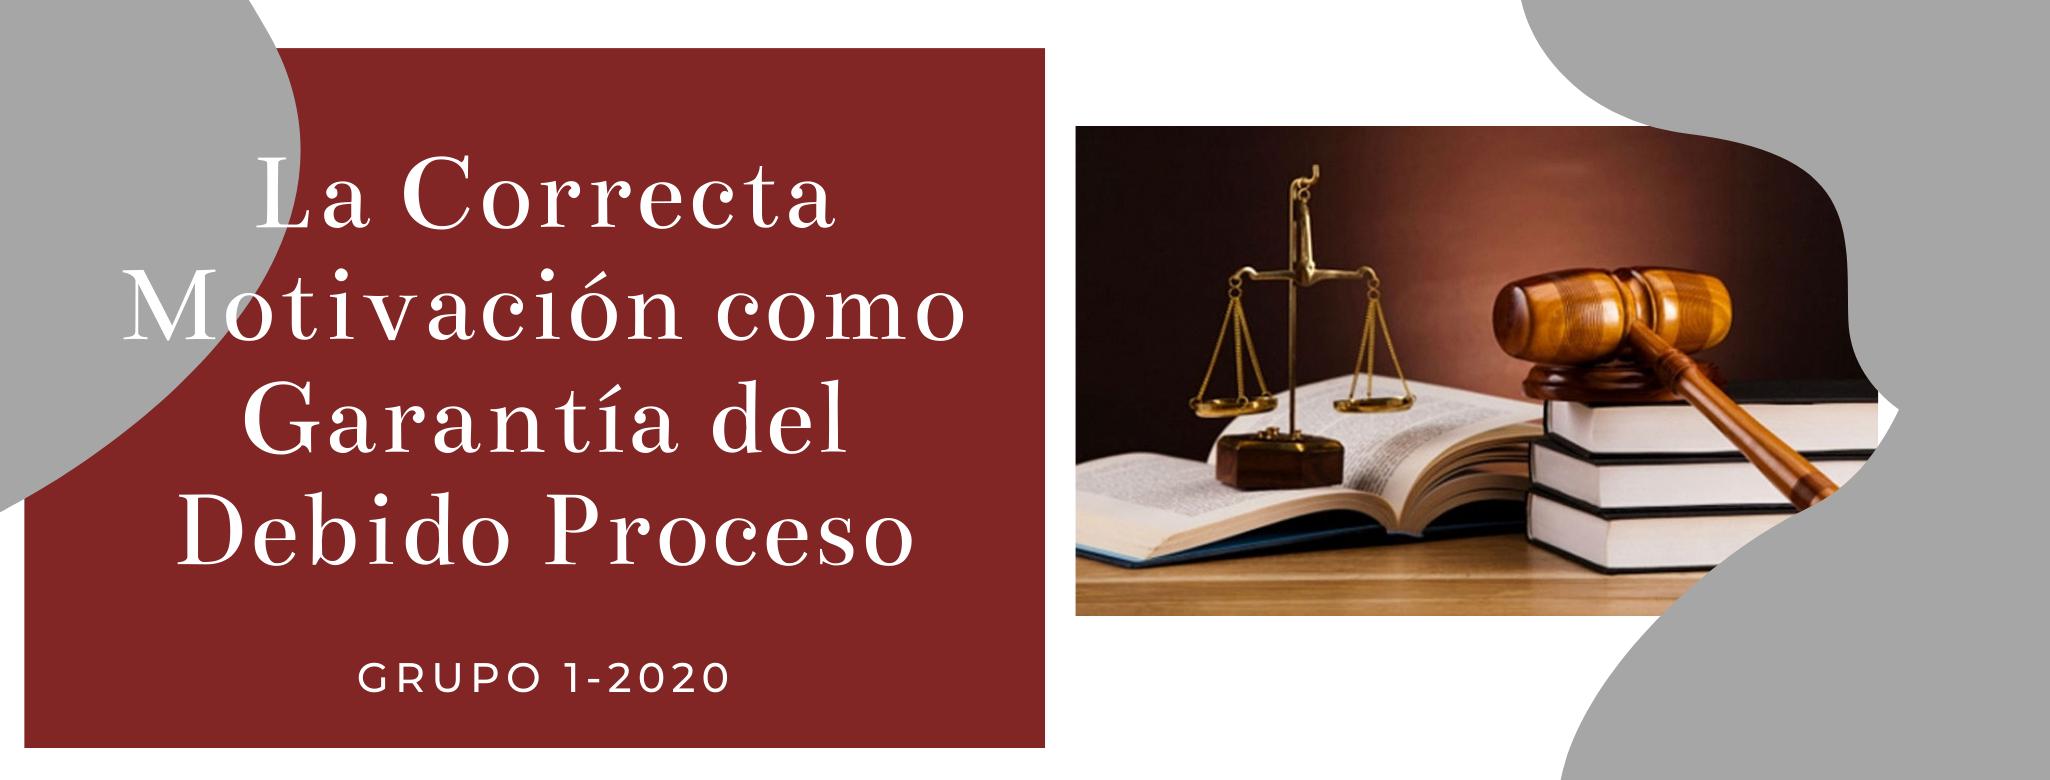 CONST-101-20-01 La Correcta Motivación como Garantía del Debido Proceso